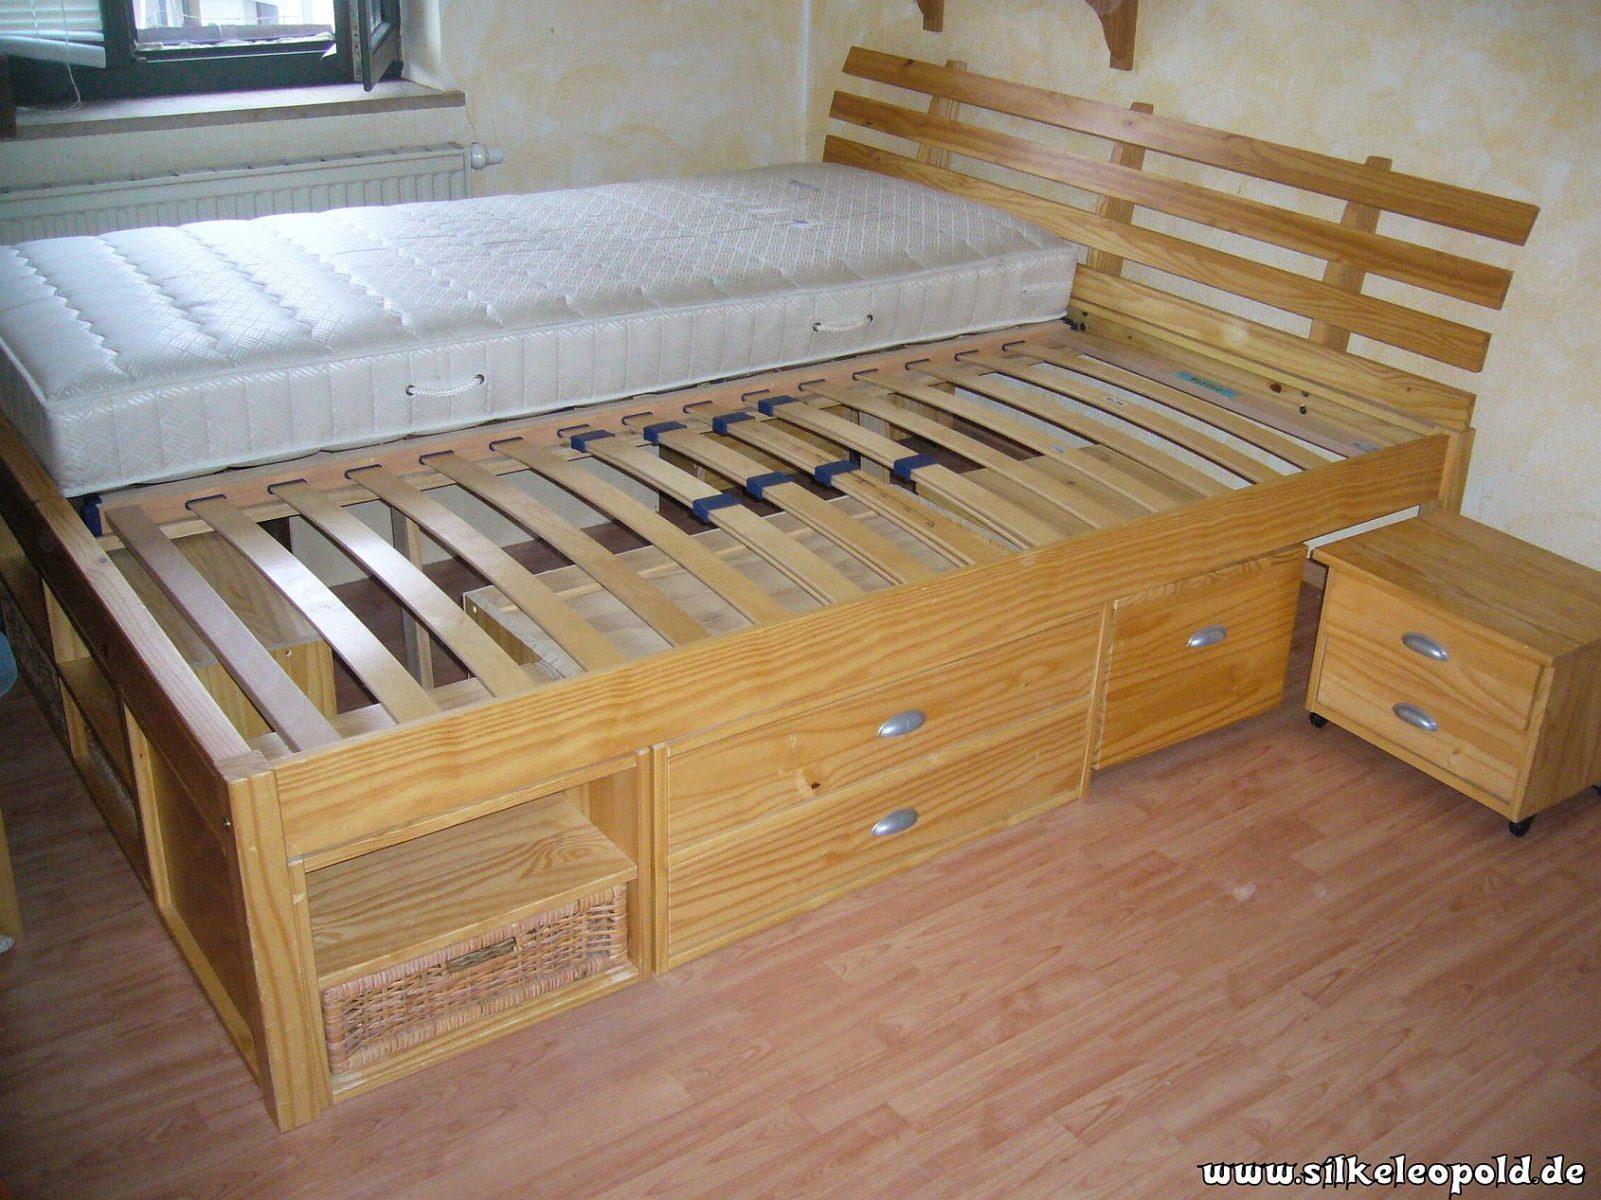 Bezaubernd Bett Minimalistisch Foto Von Ende Juni Haben Wir Endlich Unser Abgeben